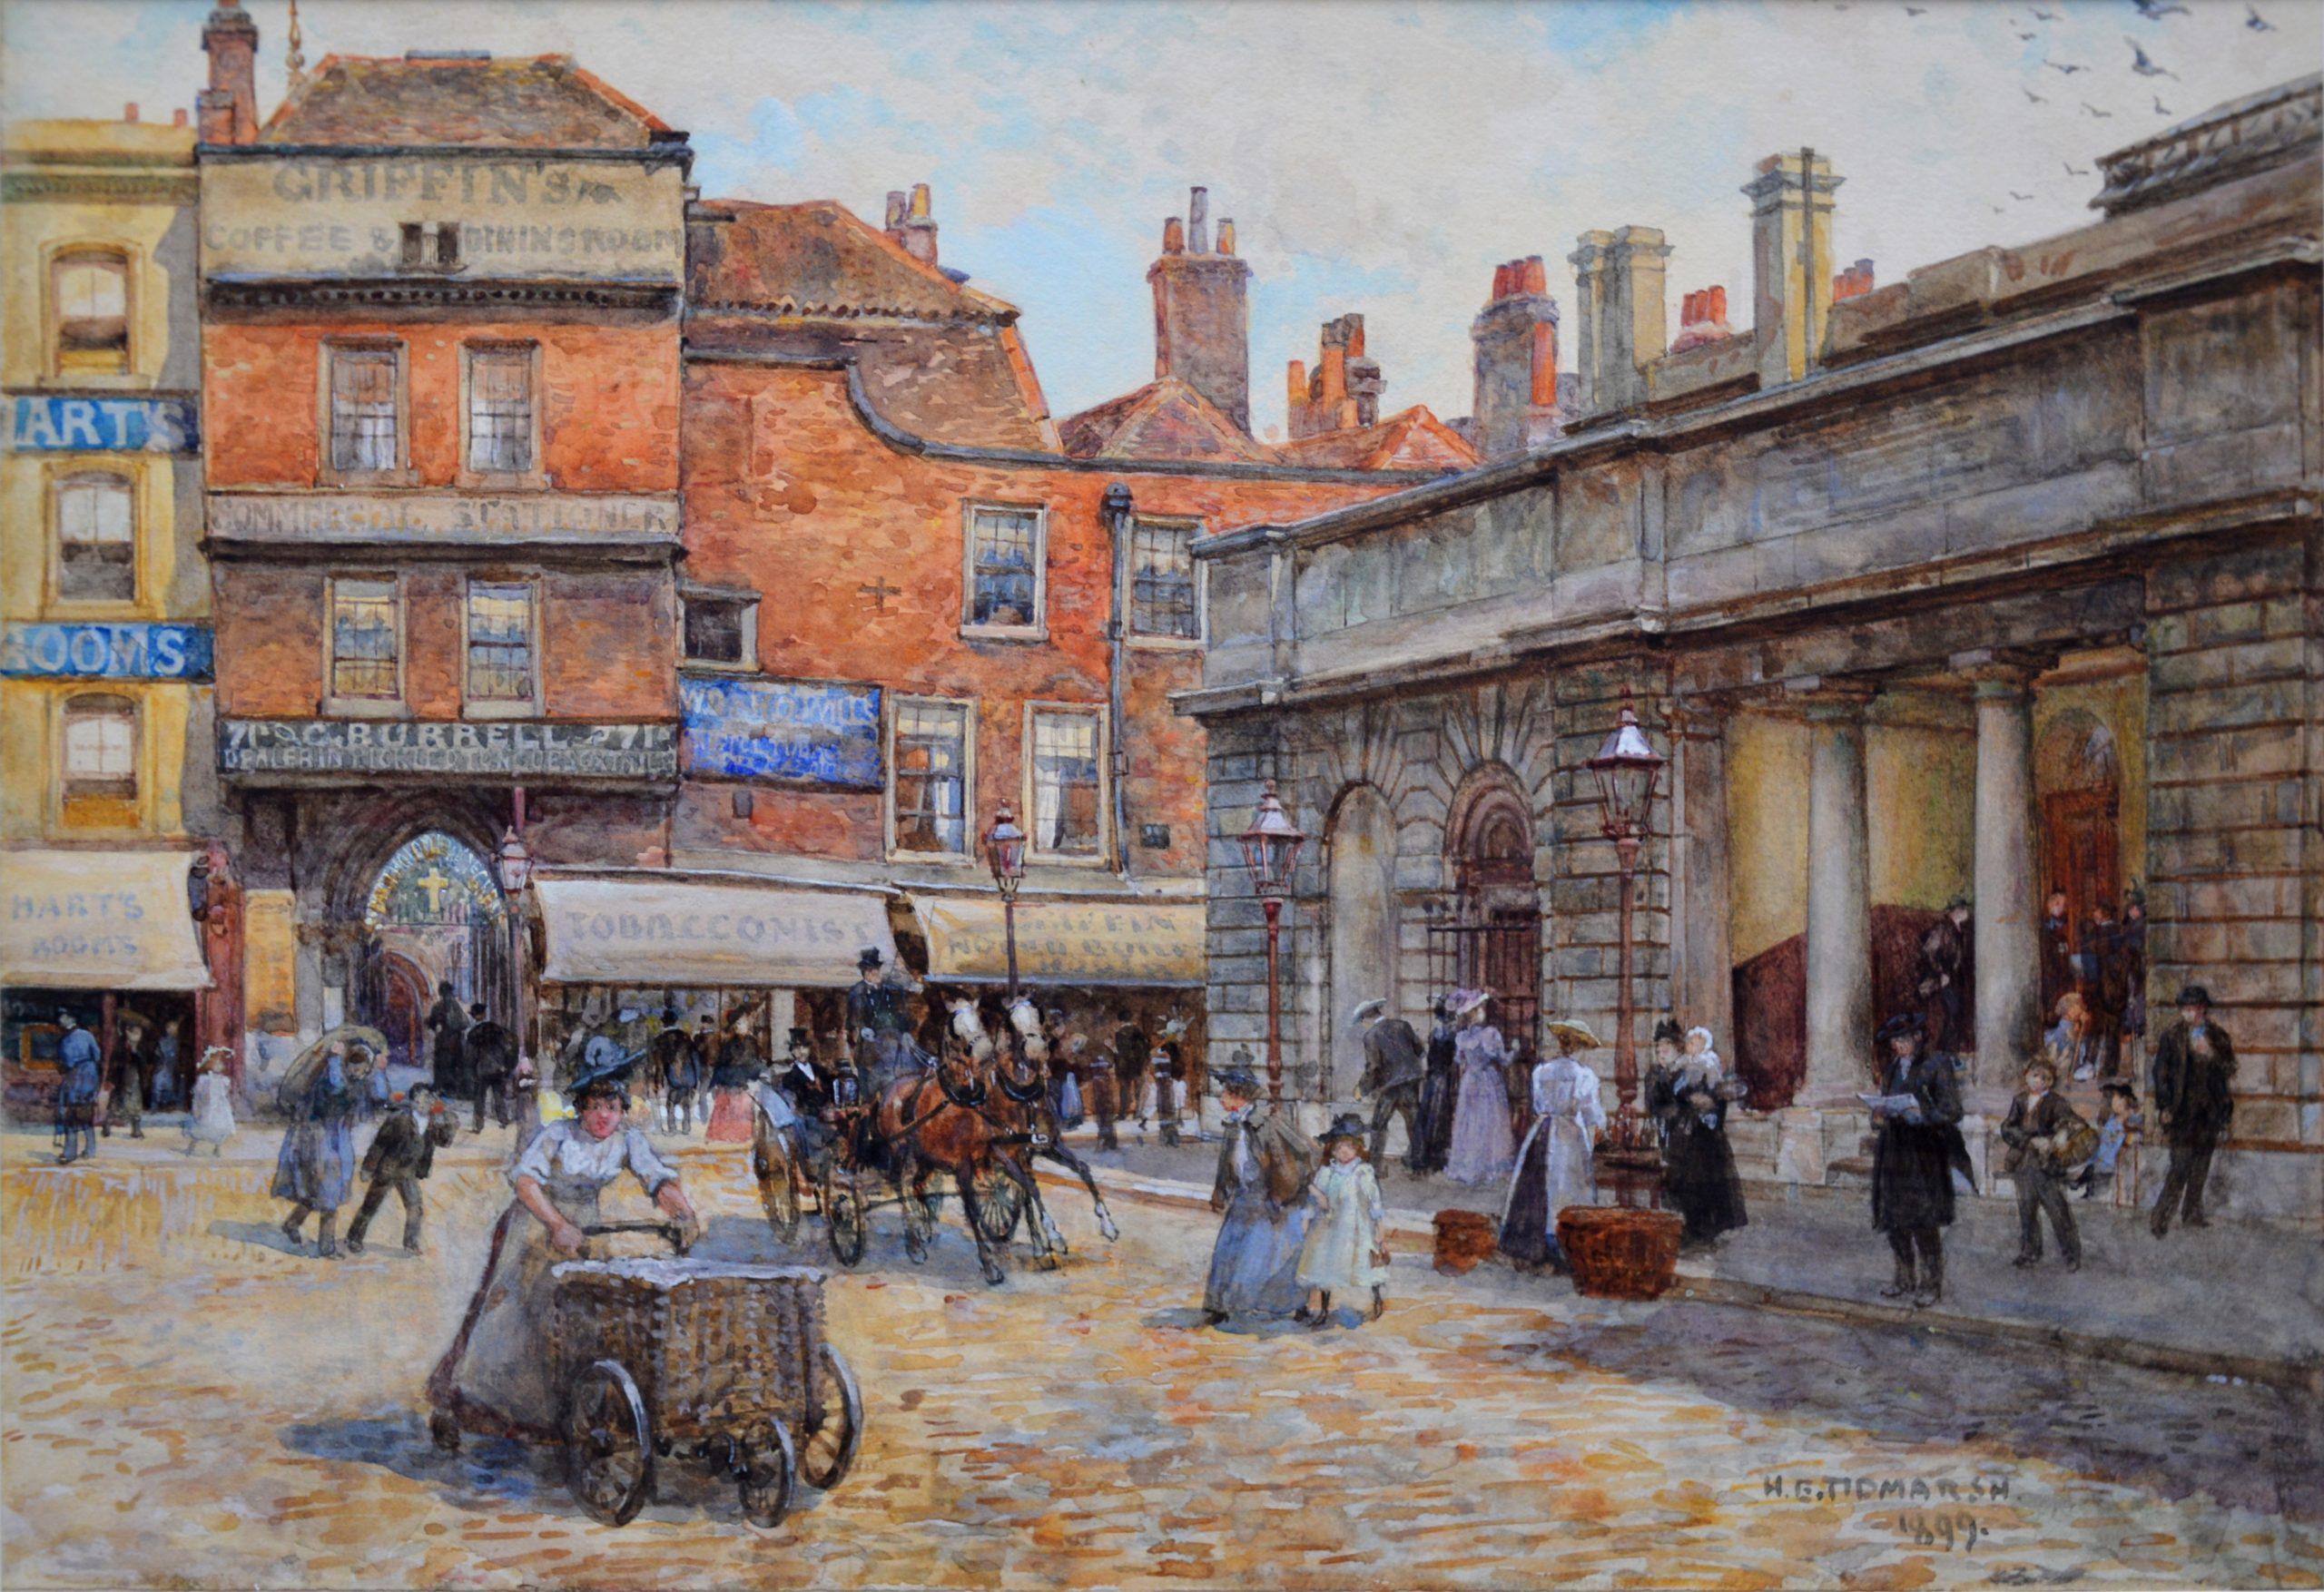 St Bartholomew's, Smithfield 1899 -19th Century London Landscape Image